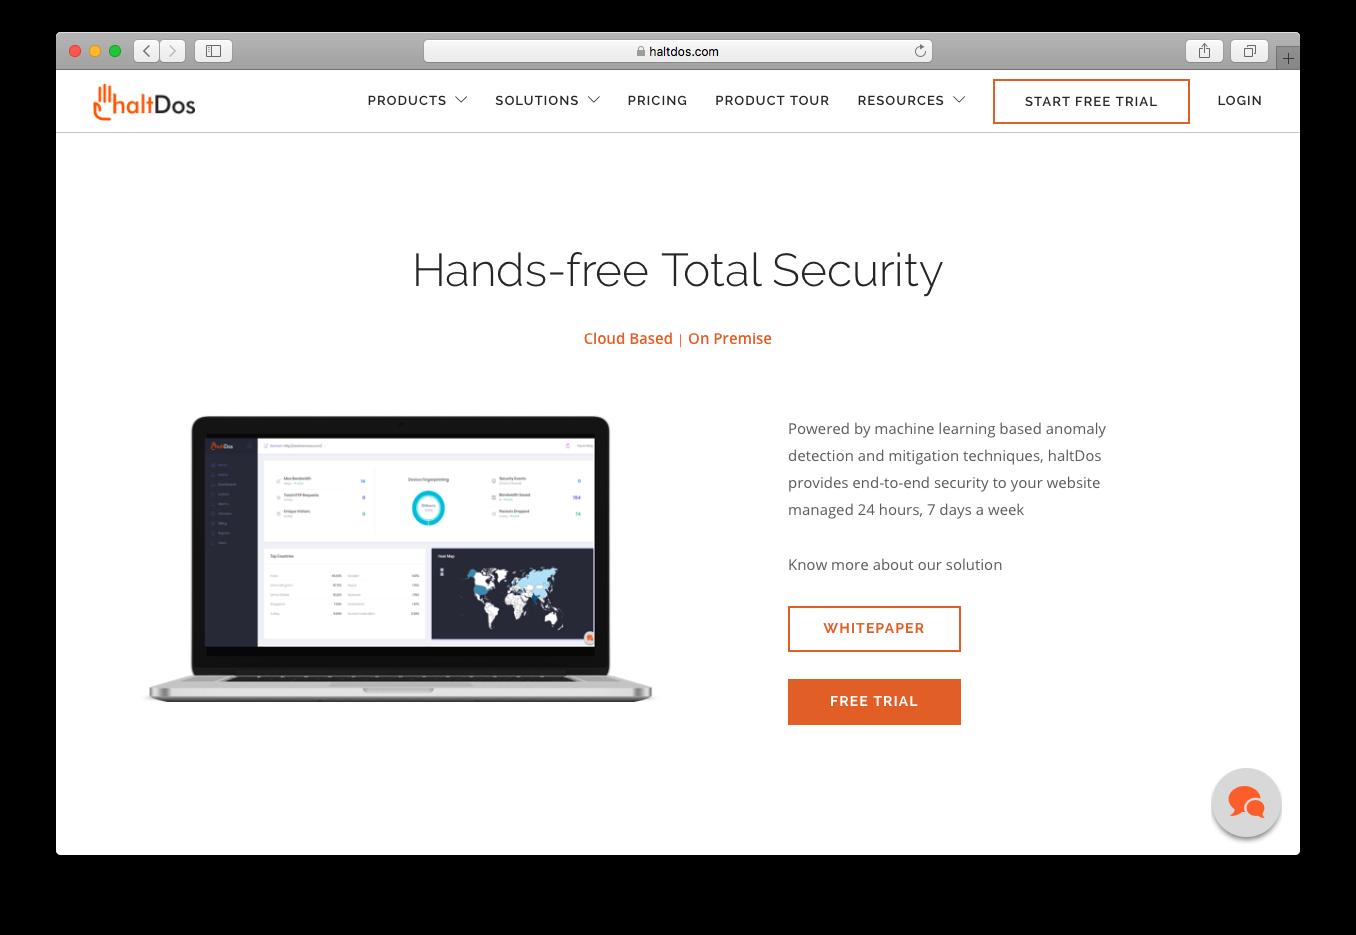 HaltDos cloud based on premise website security